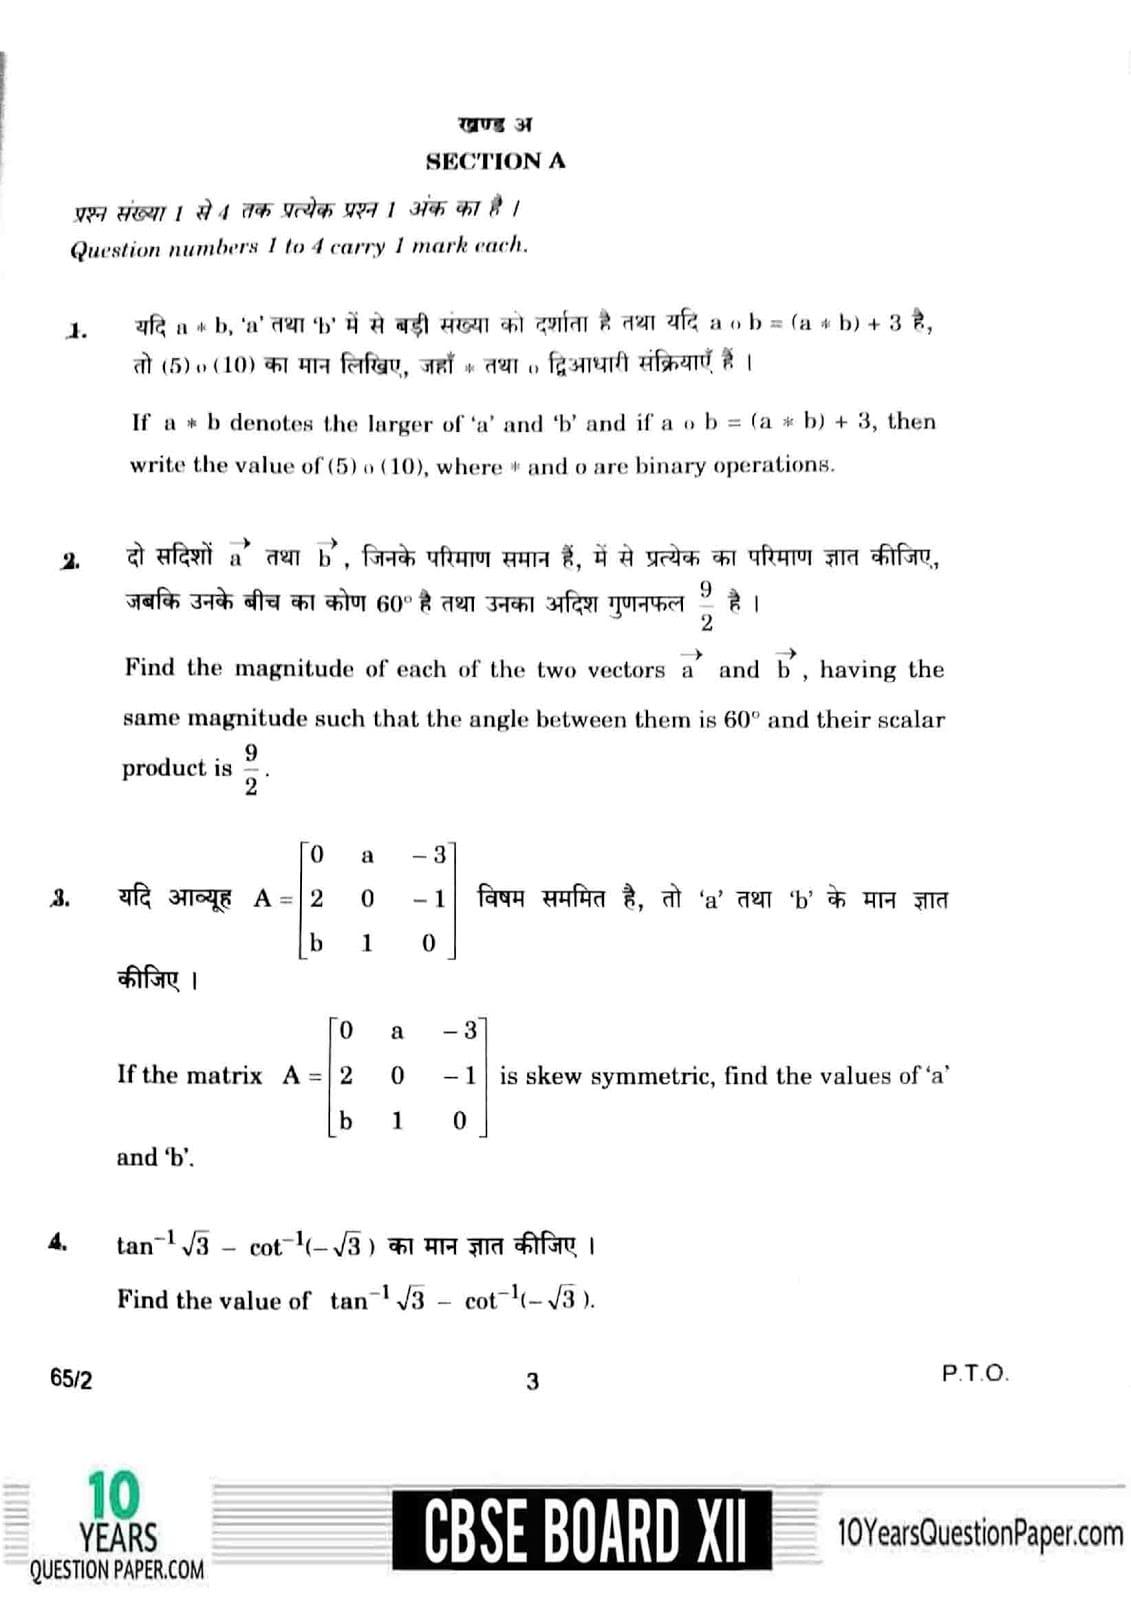 CBSE Class 12 Mathematics 2018 Question Paper